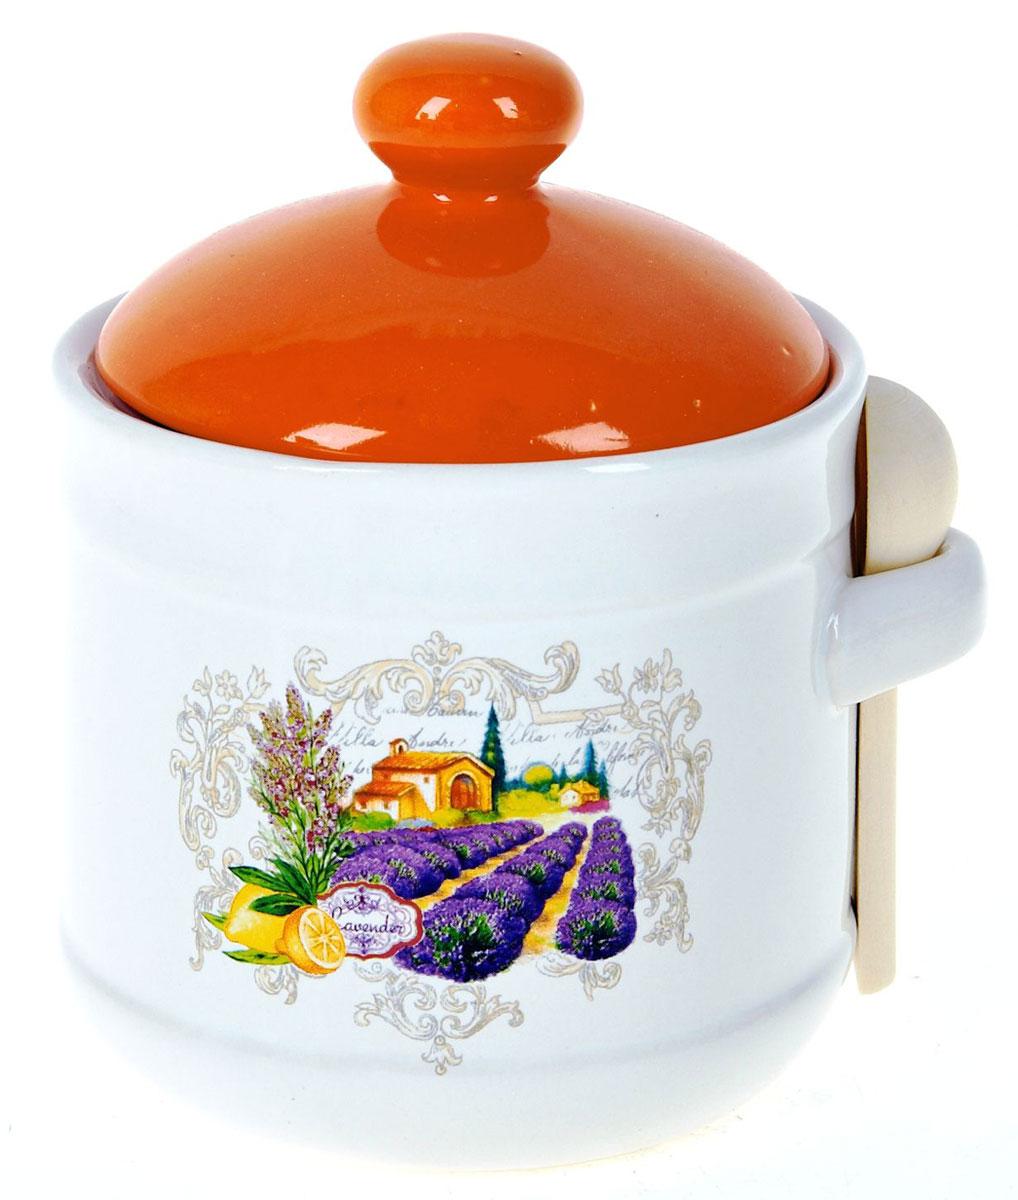 Банка для сыпучих продуктов Polystar Прованс, с ложкой, 750 мл банка для сыпучих продуктов polystar sweet home 850 мл